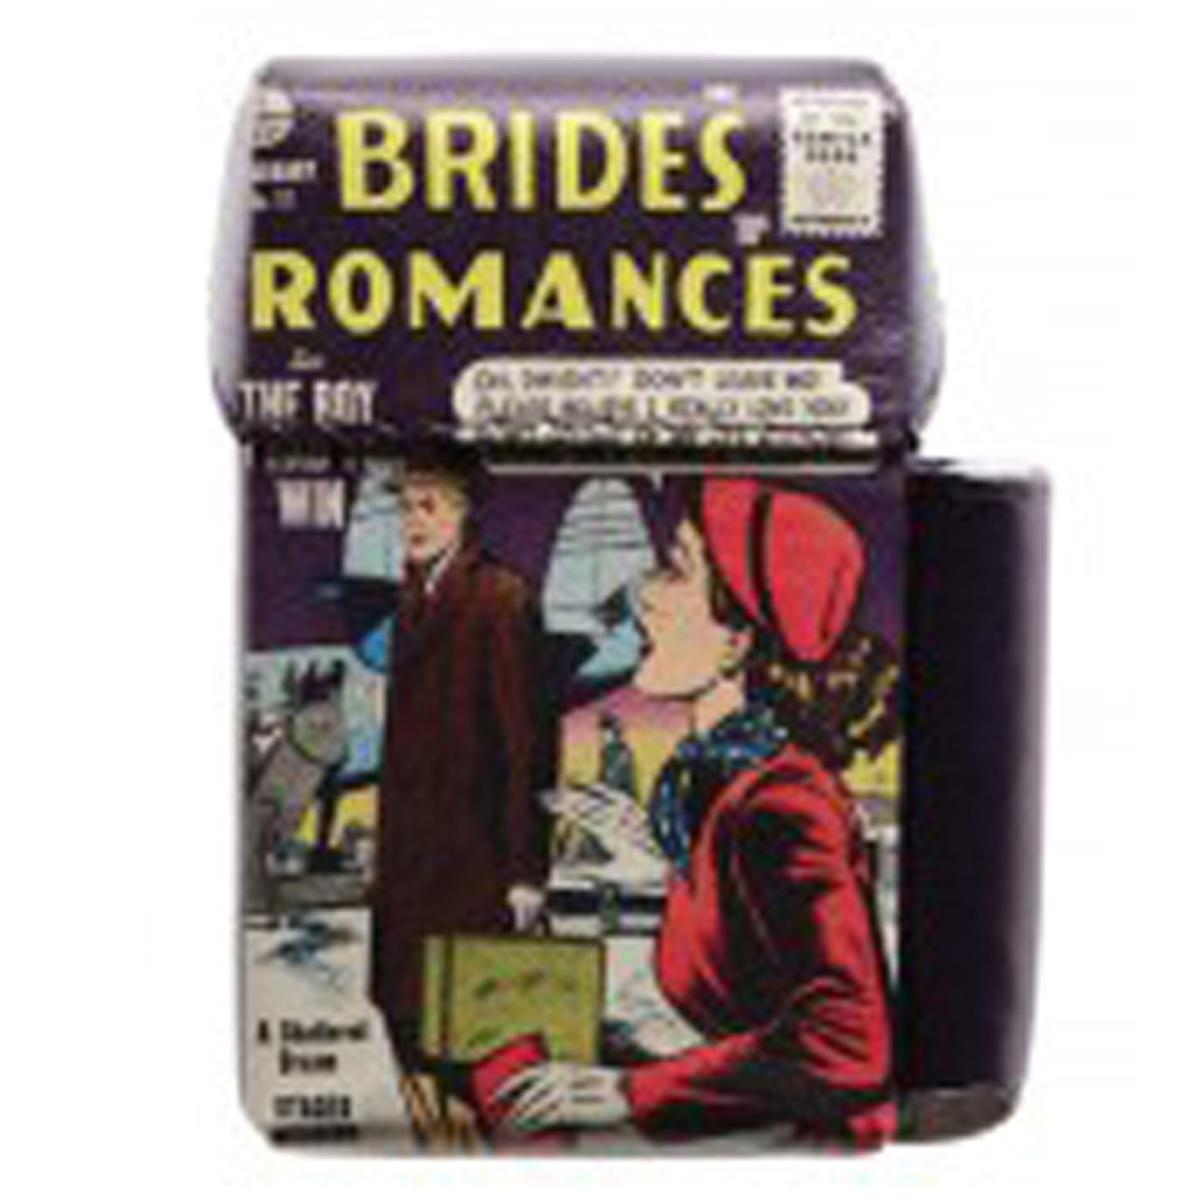 Etui paquet de cigarettes \'Bandes Dessinées\' vintage (Brides Romances) - 93x55x25 mm - [Q3067]